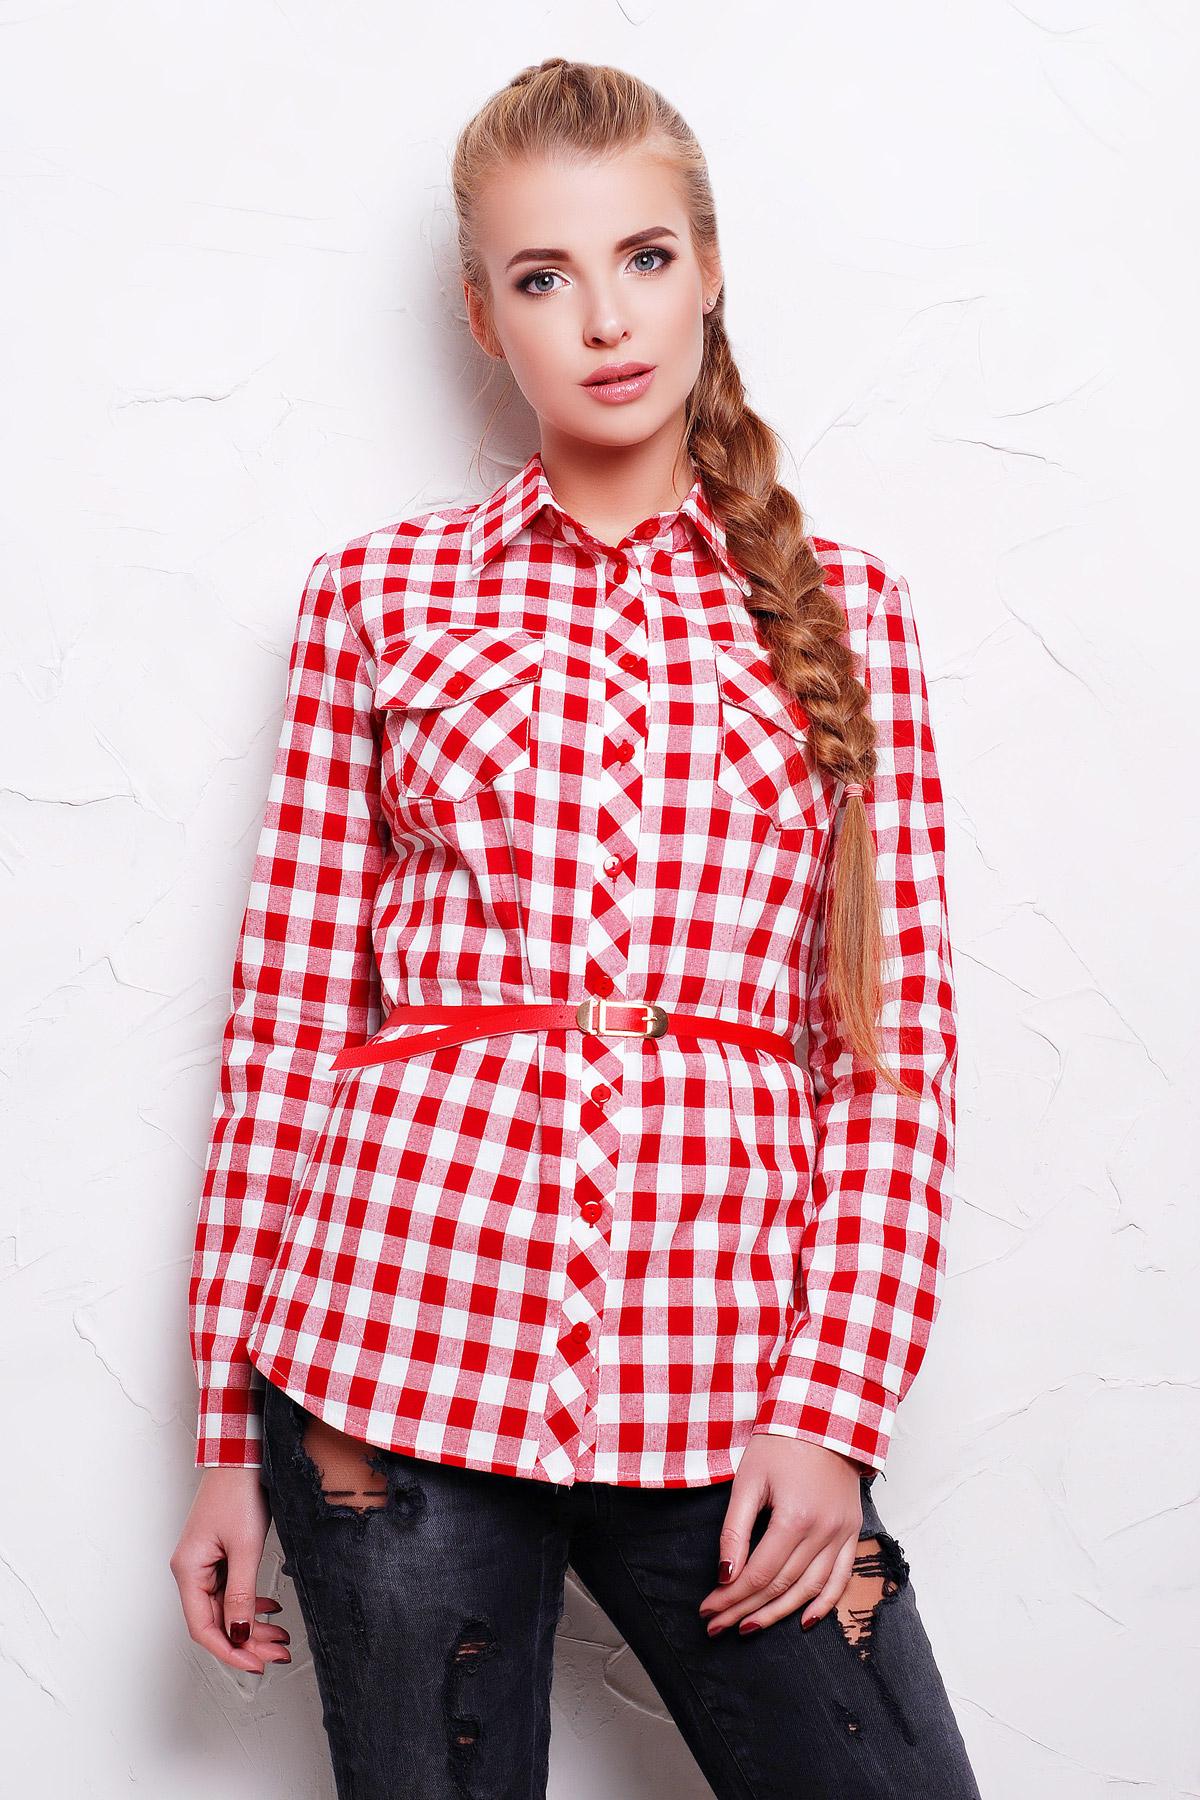 7fba0016512 женская рубашка в красную клетку. рубашка Техас2 д р. Цвет  красный-